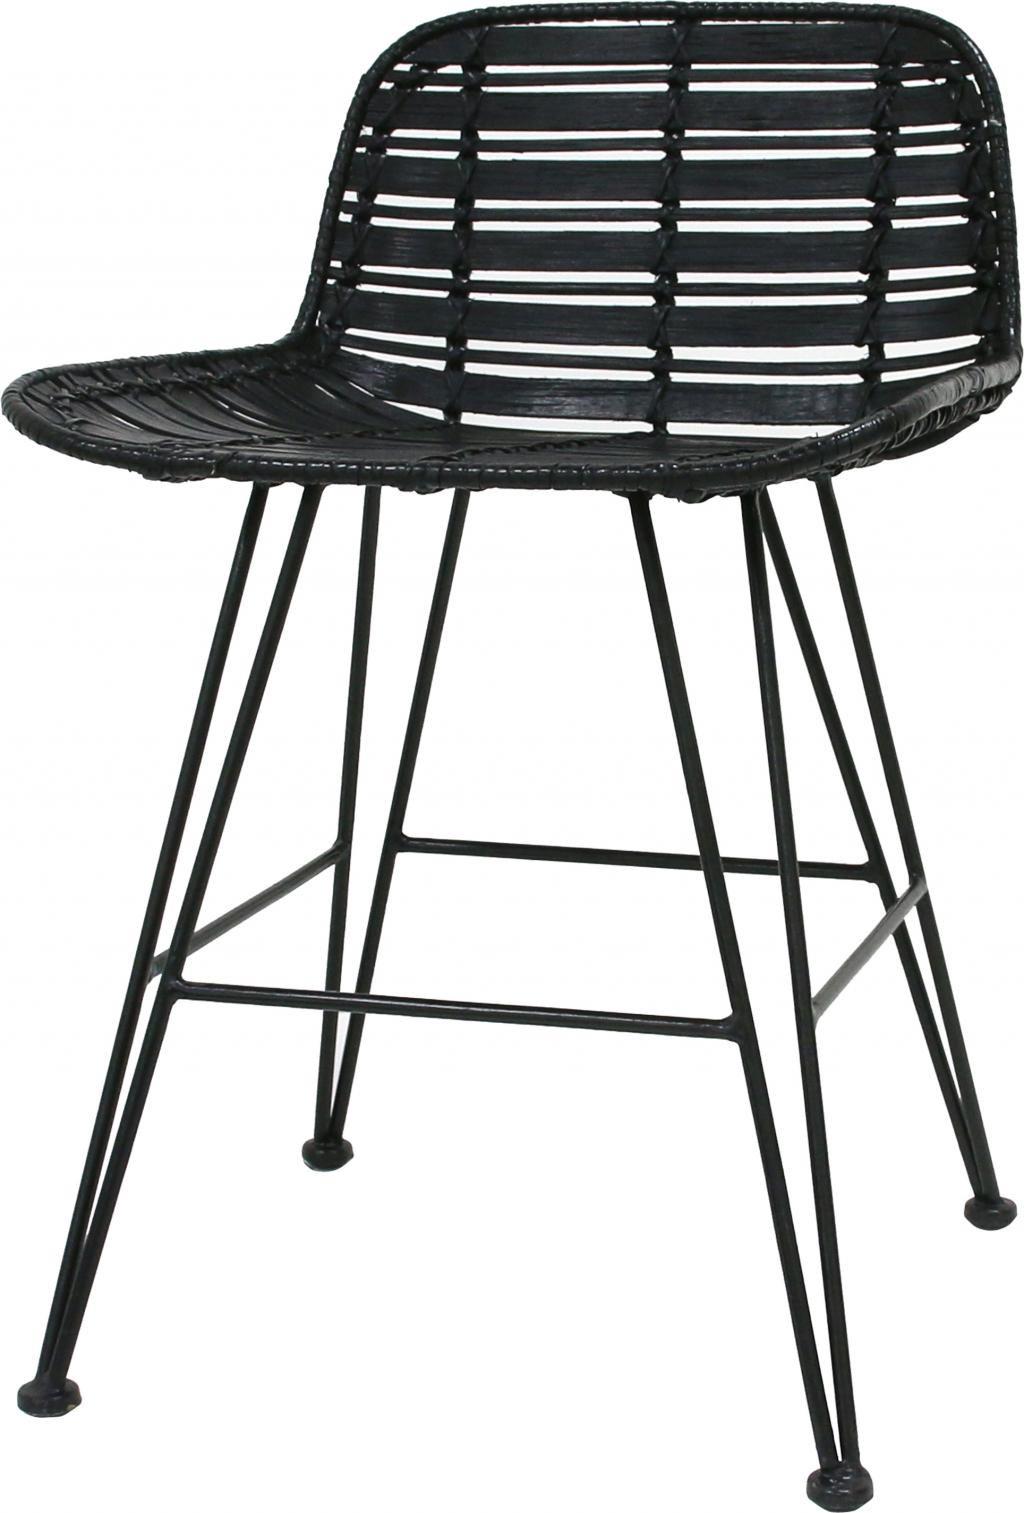 hk living barhocker mini schwarz. Black Bedroom Furniture Sets. Home Design Ideas